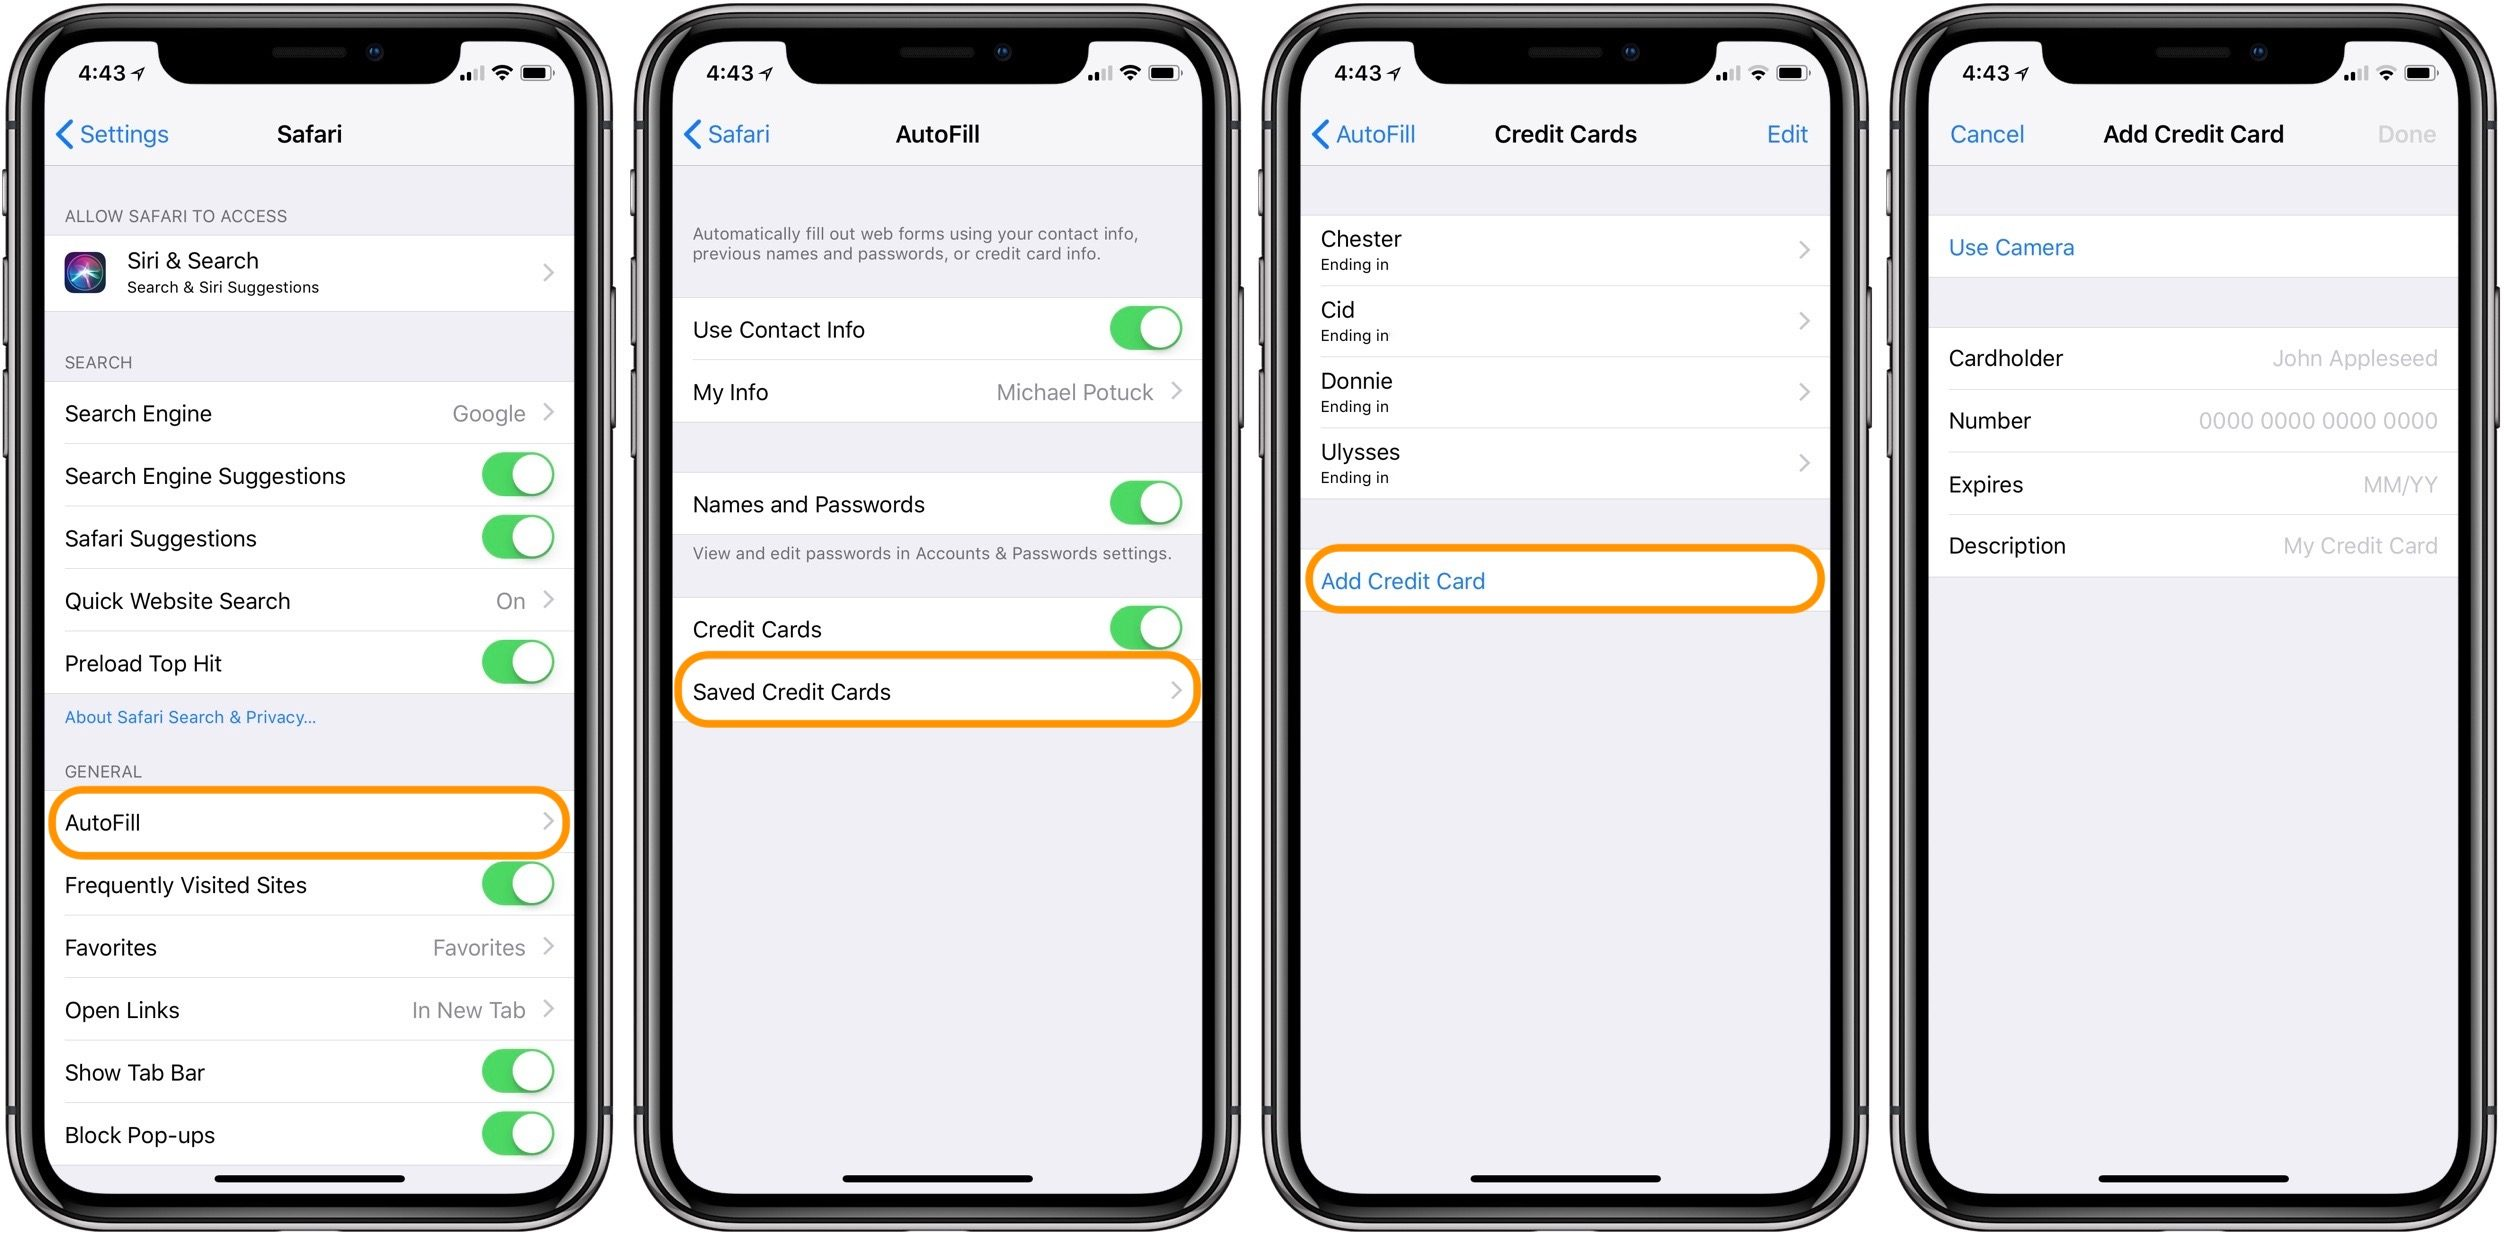 """<span href=""""https://9to5mac.com/2018/04/27/how-to-add-credit-cards-safari-autofill-iphone/"""">¿Cómo agregar tarjetas de crédito para Safari de Autocompletar en iPhone</a>"""